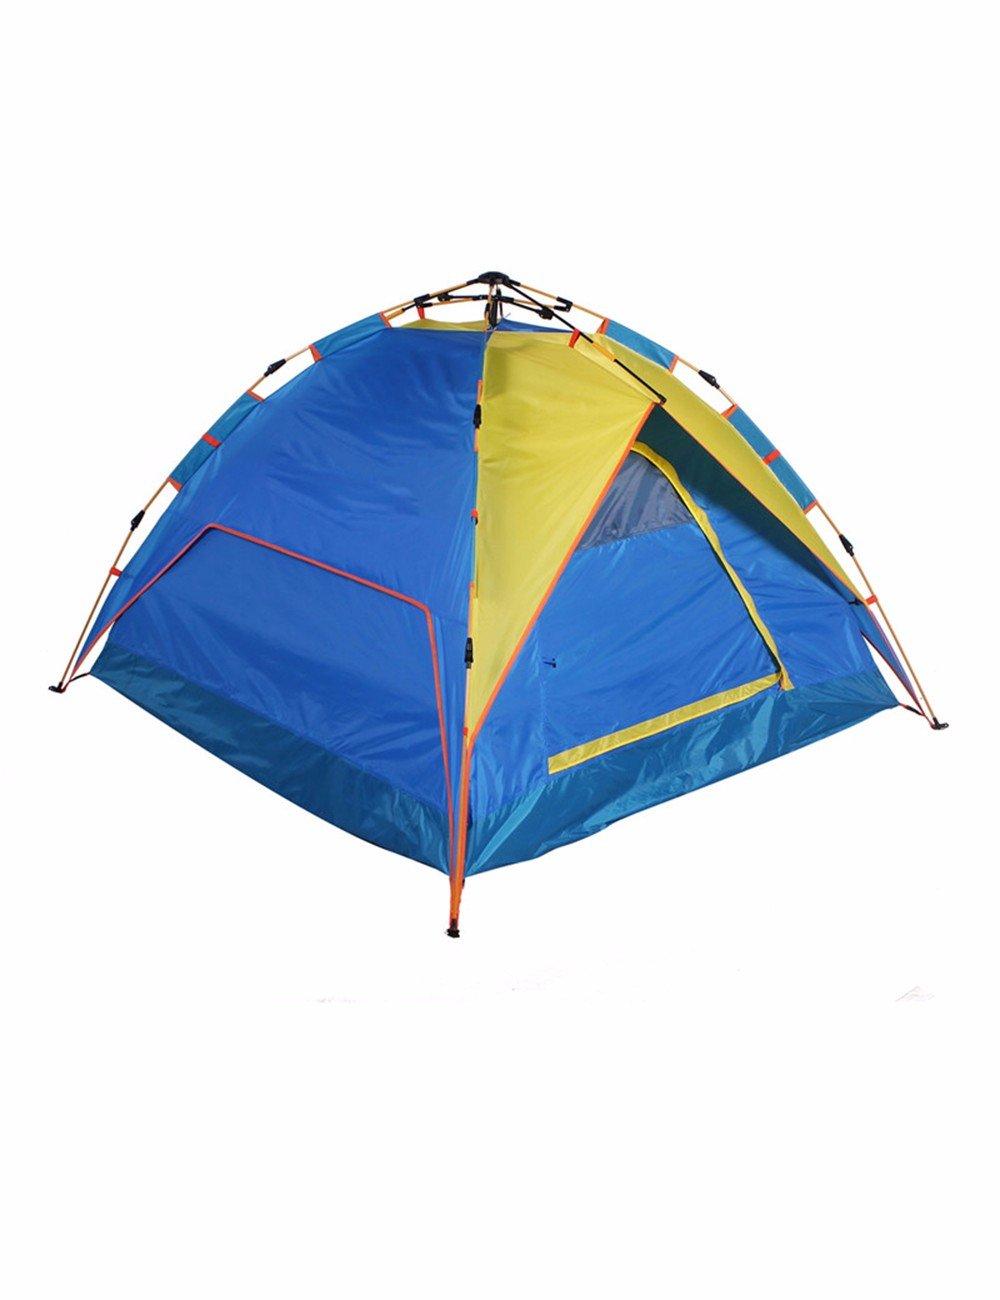 SJQKA-Outdoor Camping Zelt Ausrüstung, 3-4 Personen mit einem Schlafzimmer Hydraulische schnelles Öffnen Full-Automatic Zelt